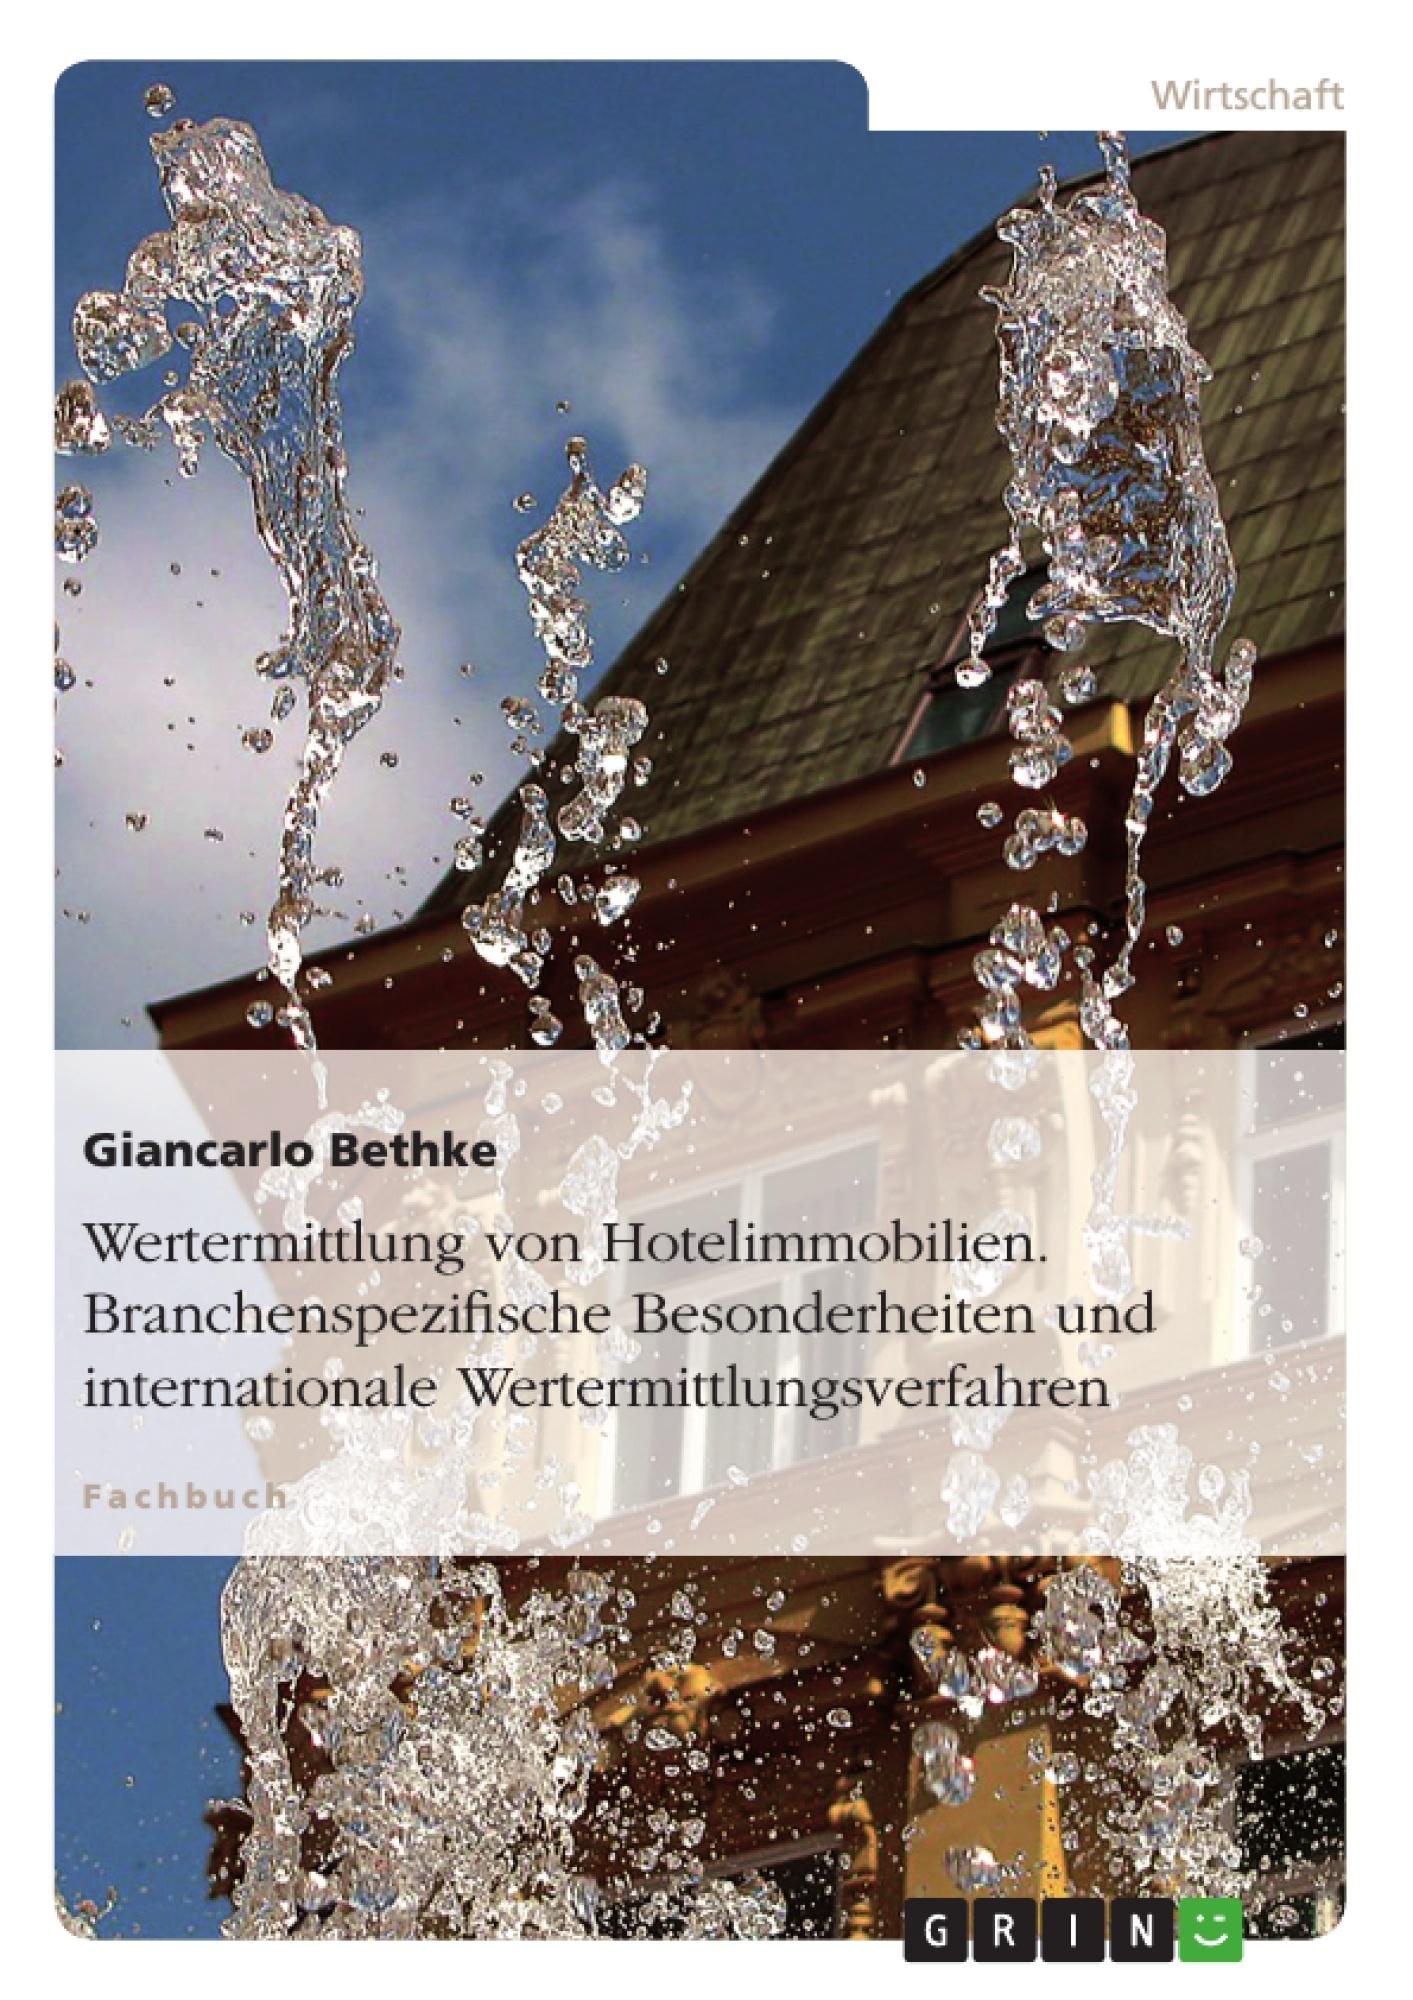 Titel: Wertermittlung von Hotelimmobilien. Branchenspezifische Besonderheiten und internationale Wertermittlungsverfahren